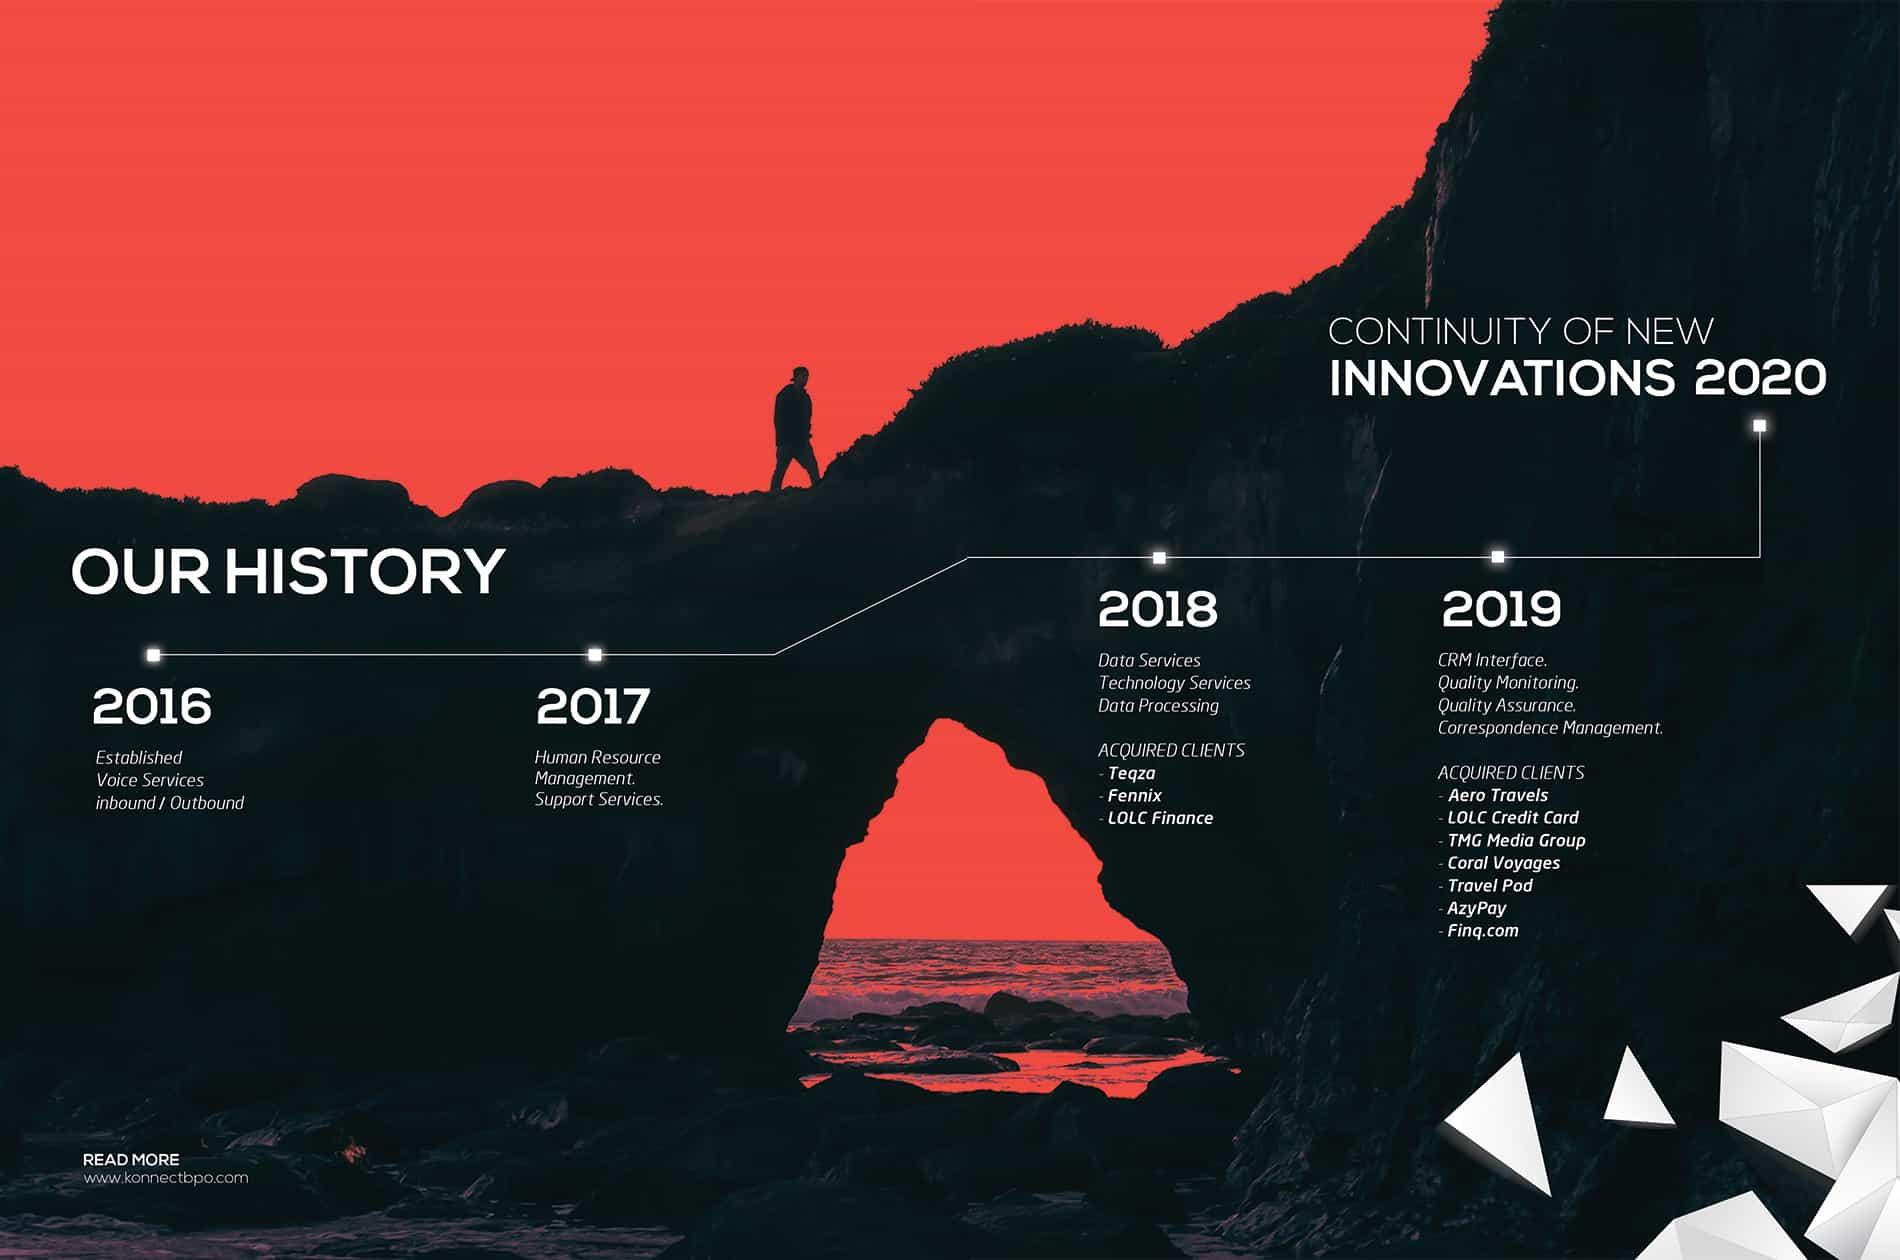 history of konnecting BPO